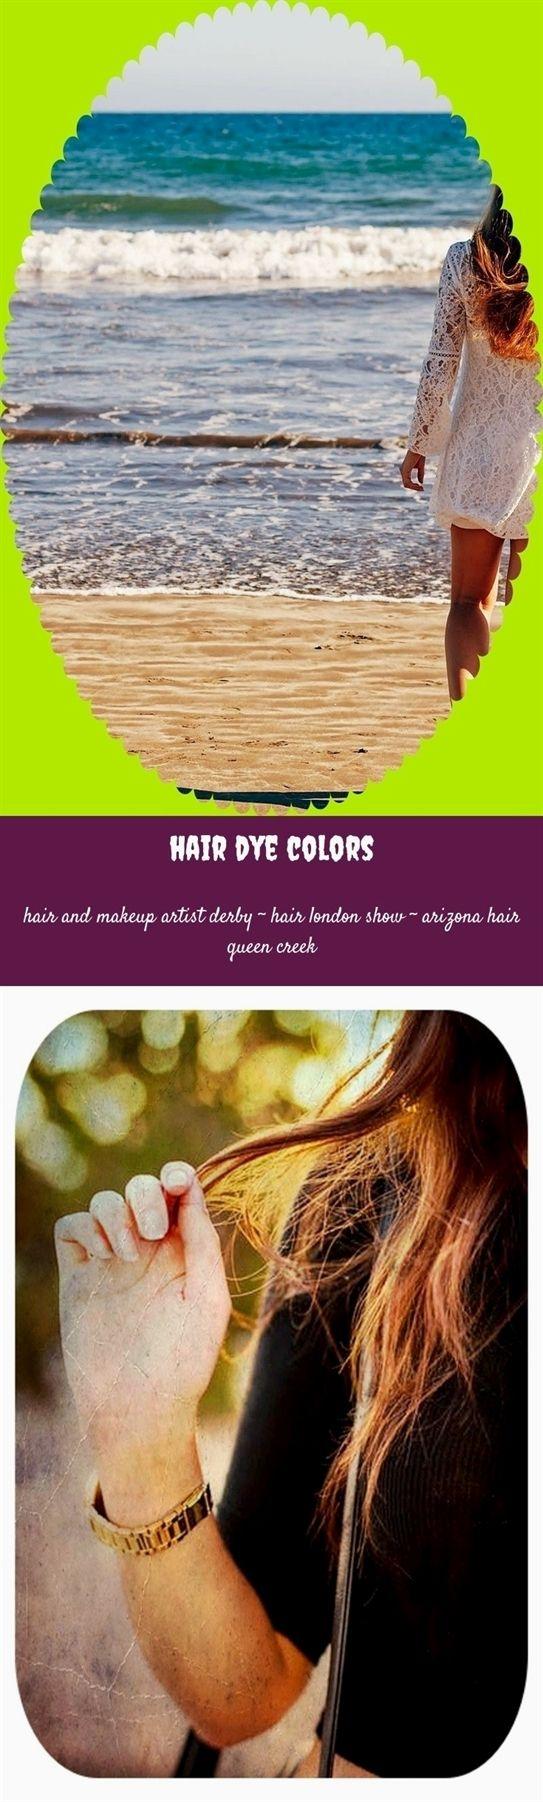 Hair dye colors hair net for bun blonde hair